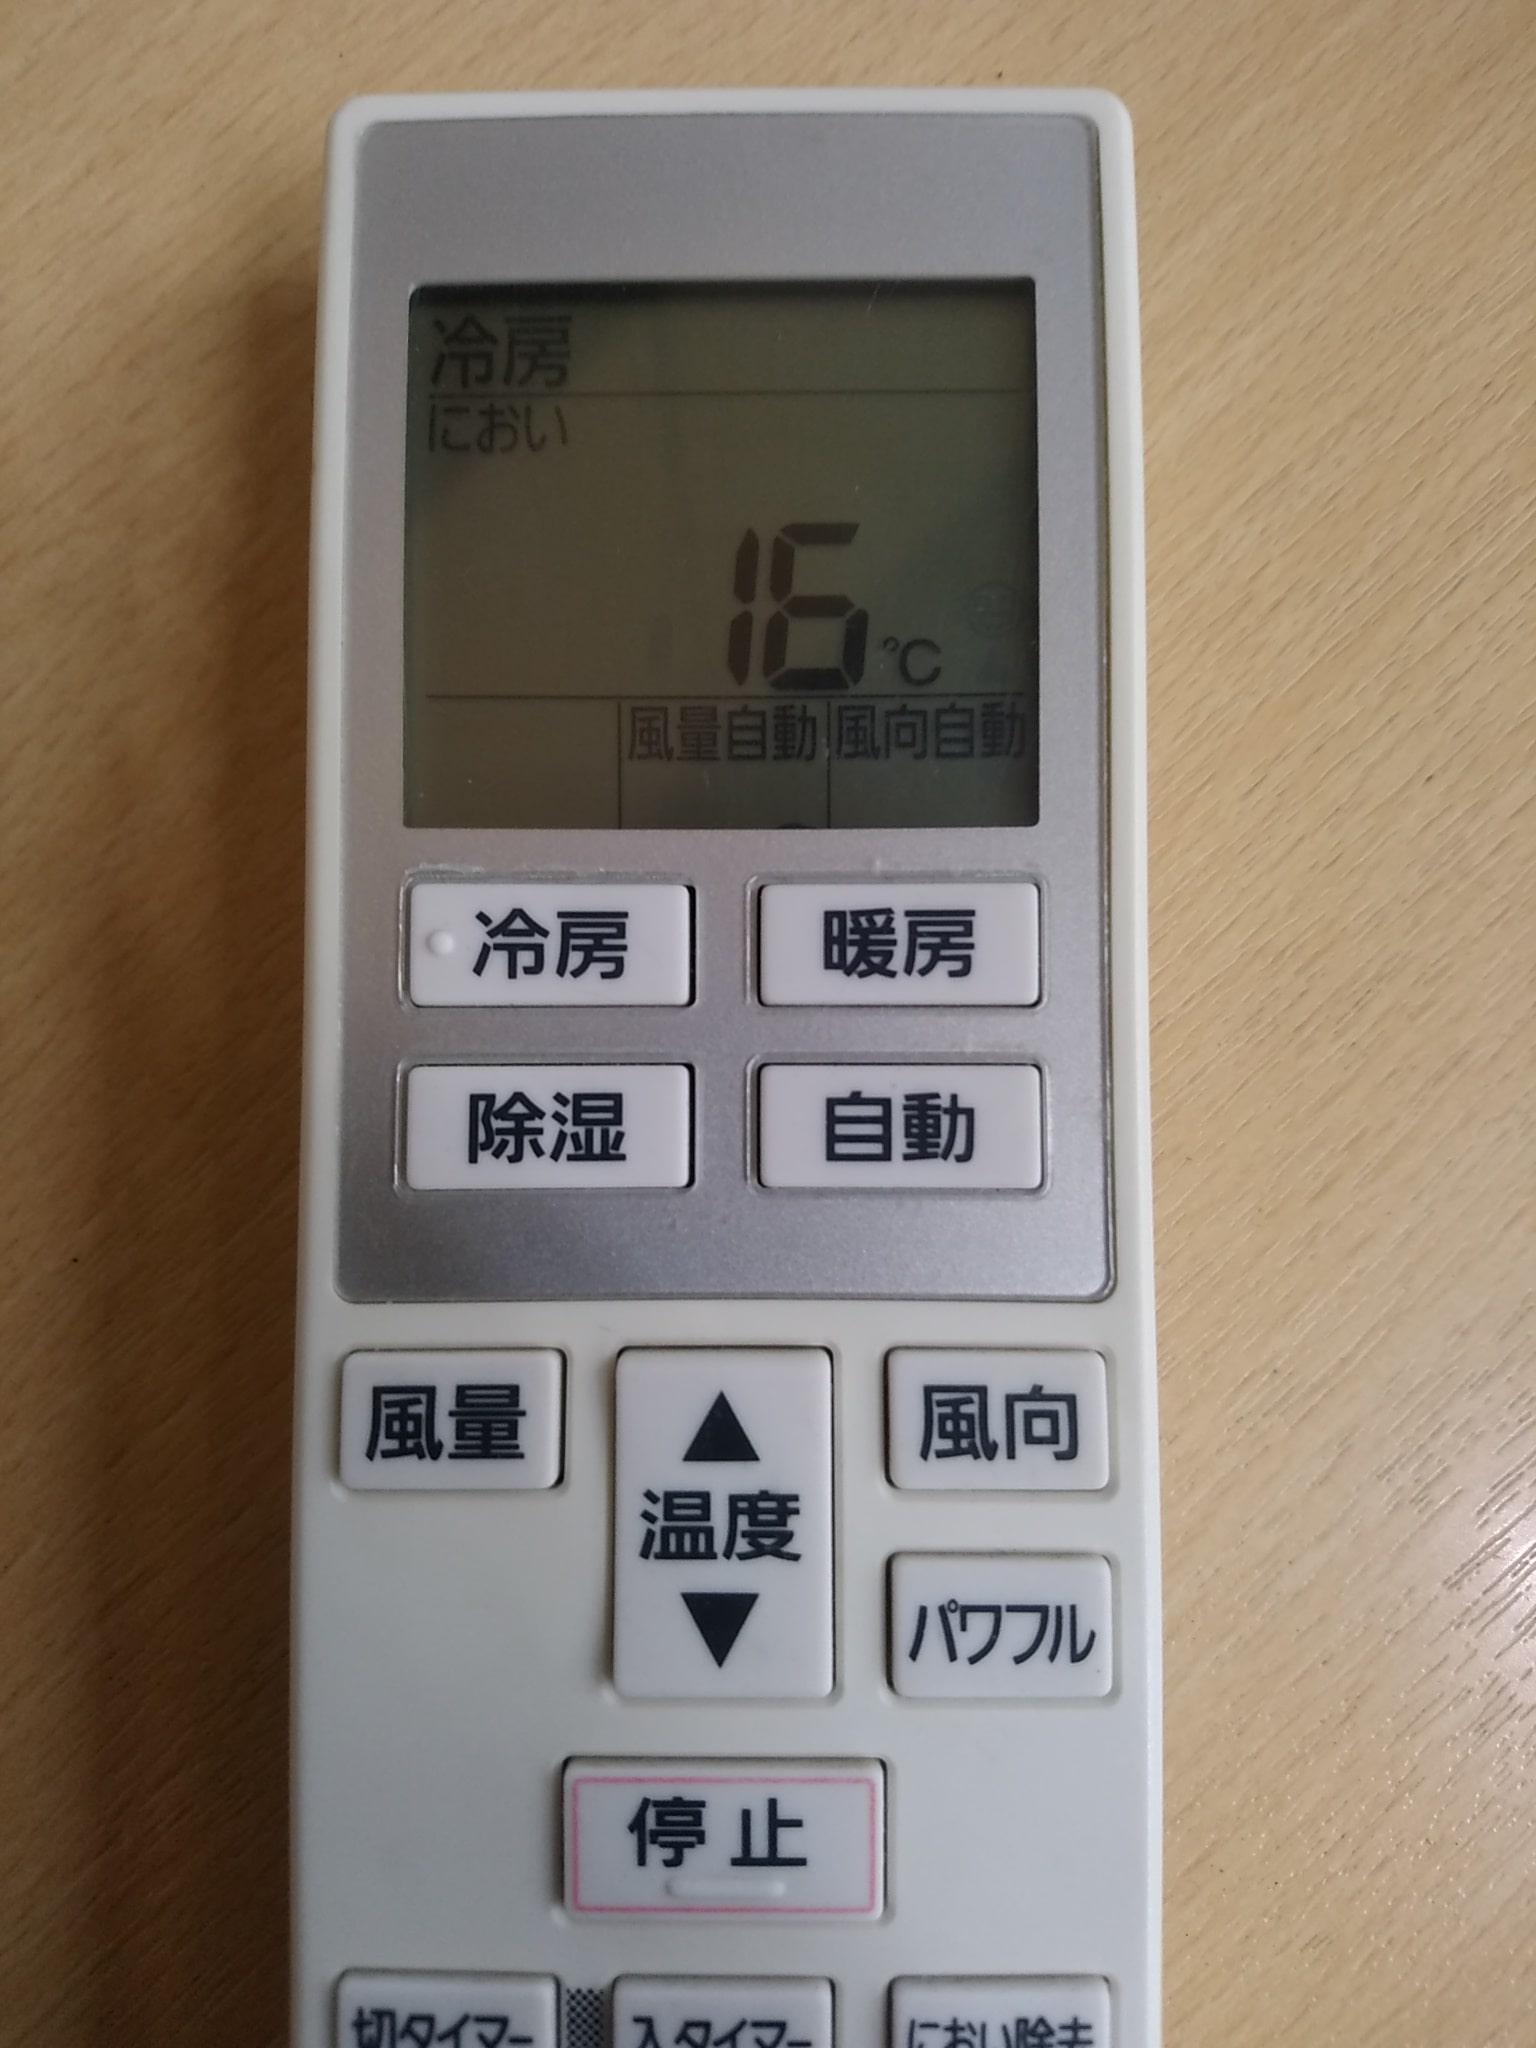 エアコン試運転設定温度